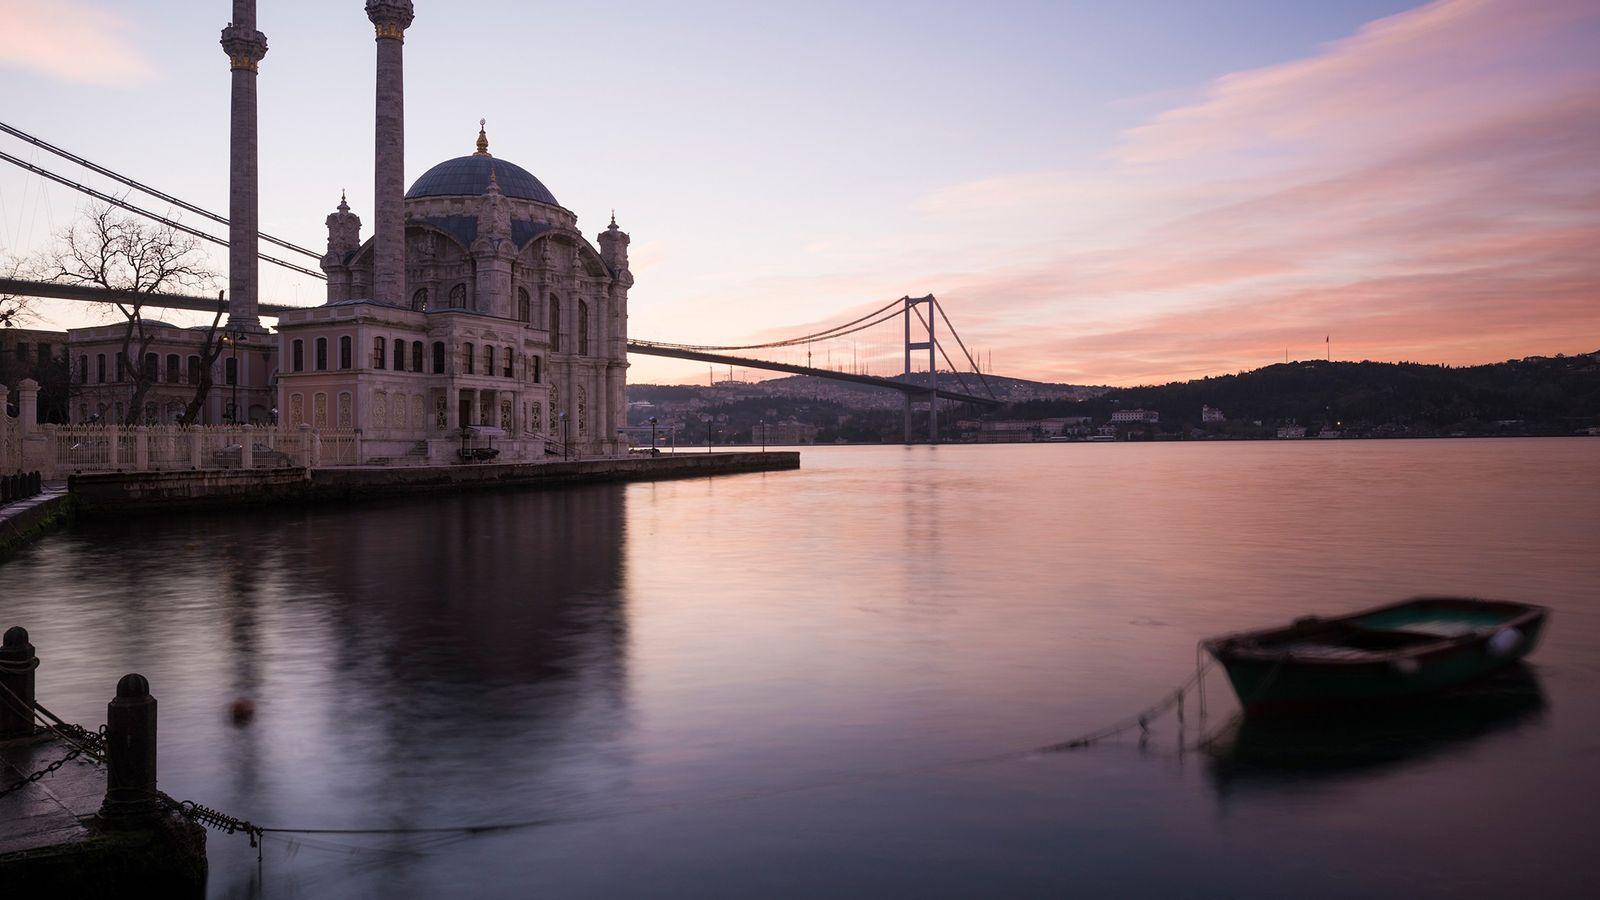 L'aube se lève sur la mosquée d'Ortaköy à Istanbul en Turquie, teintant le ciel de rose. ...